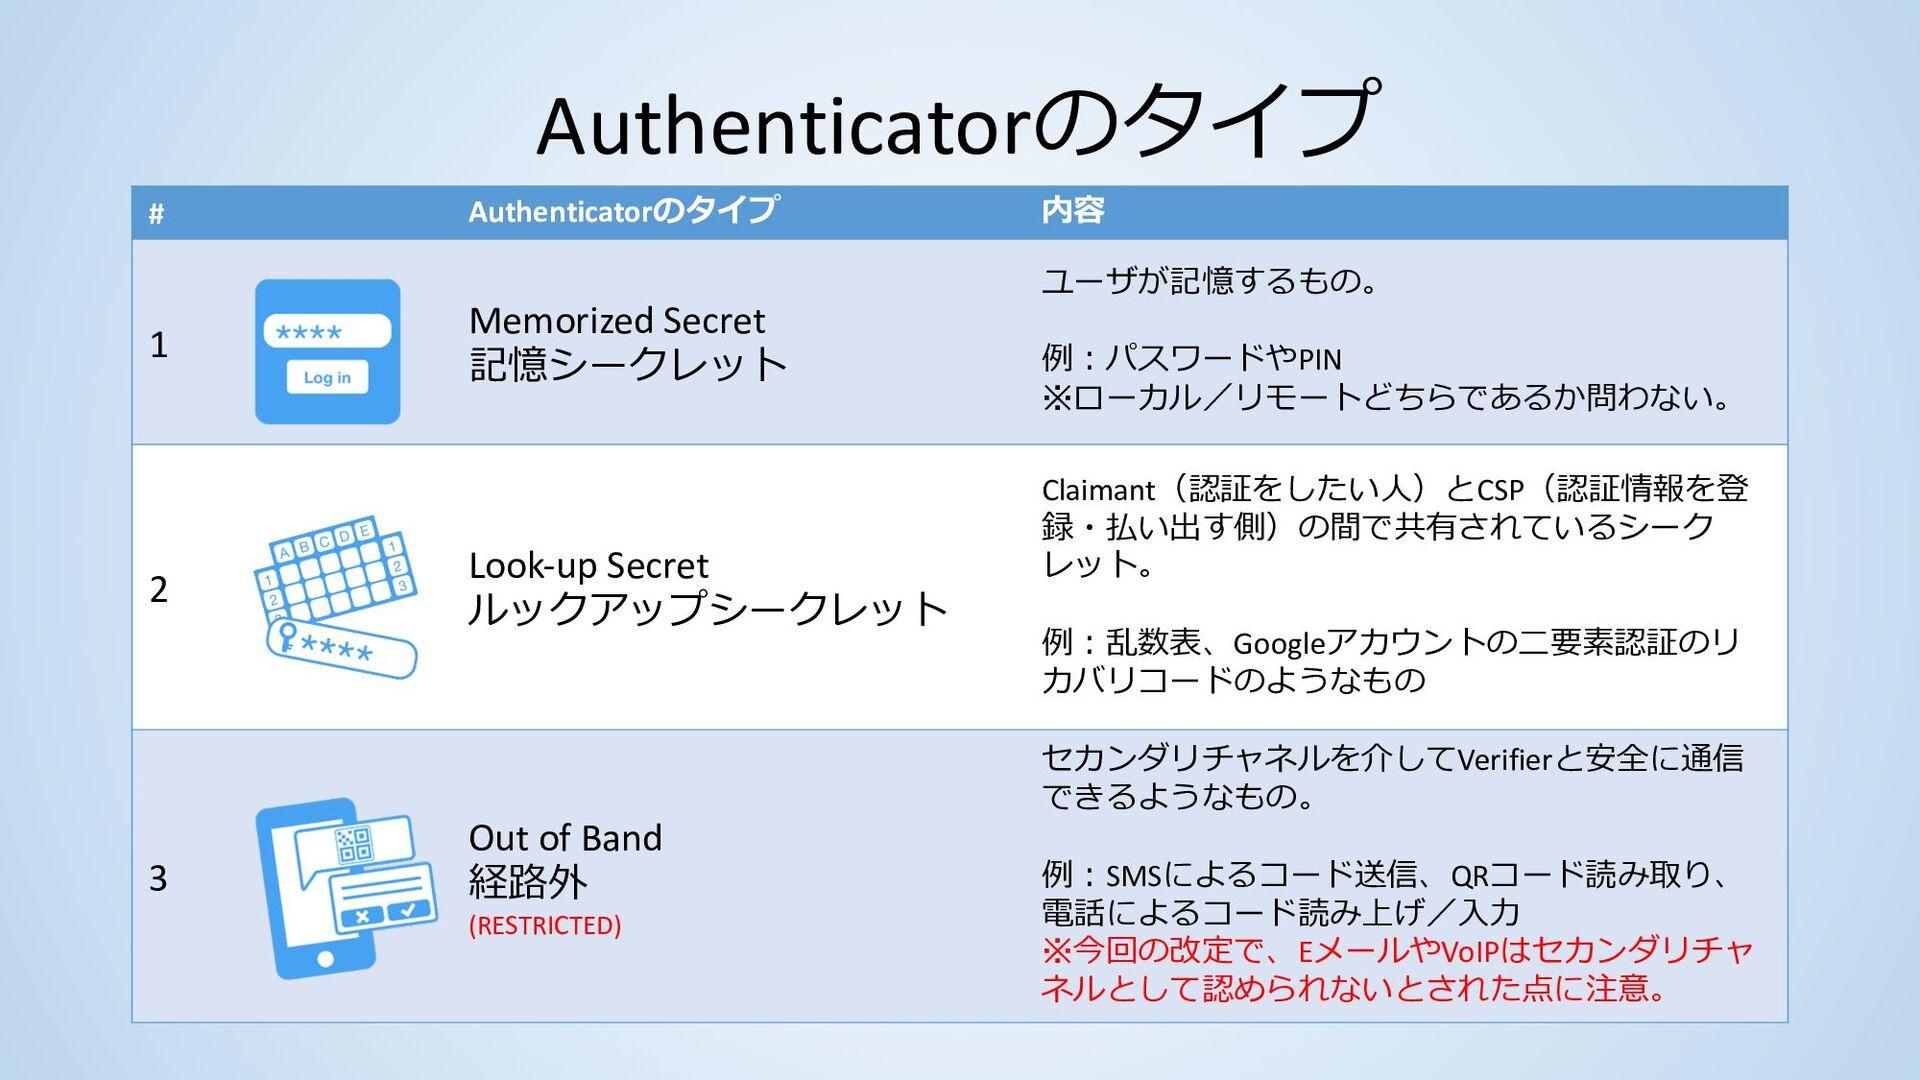 用語 • ユーザは文脈で区別される • Applicant→Subscriber→Claima...